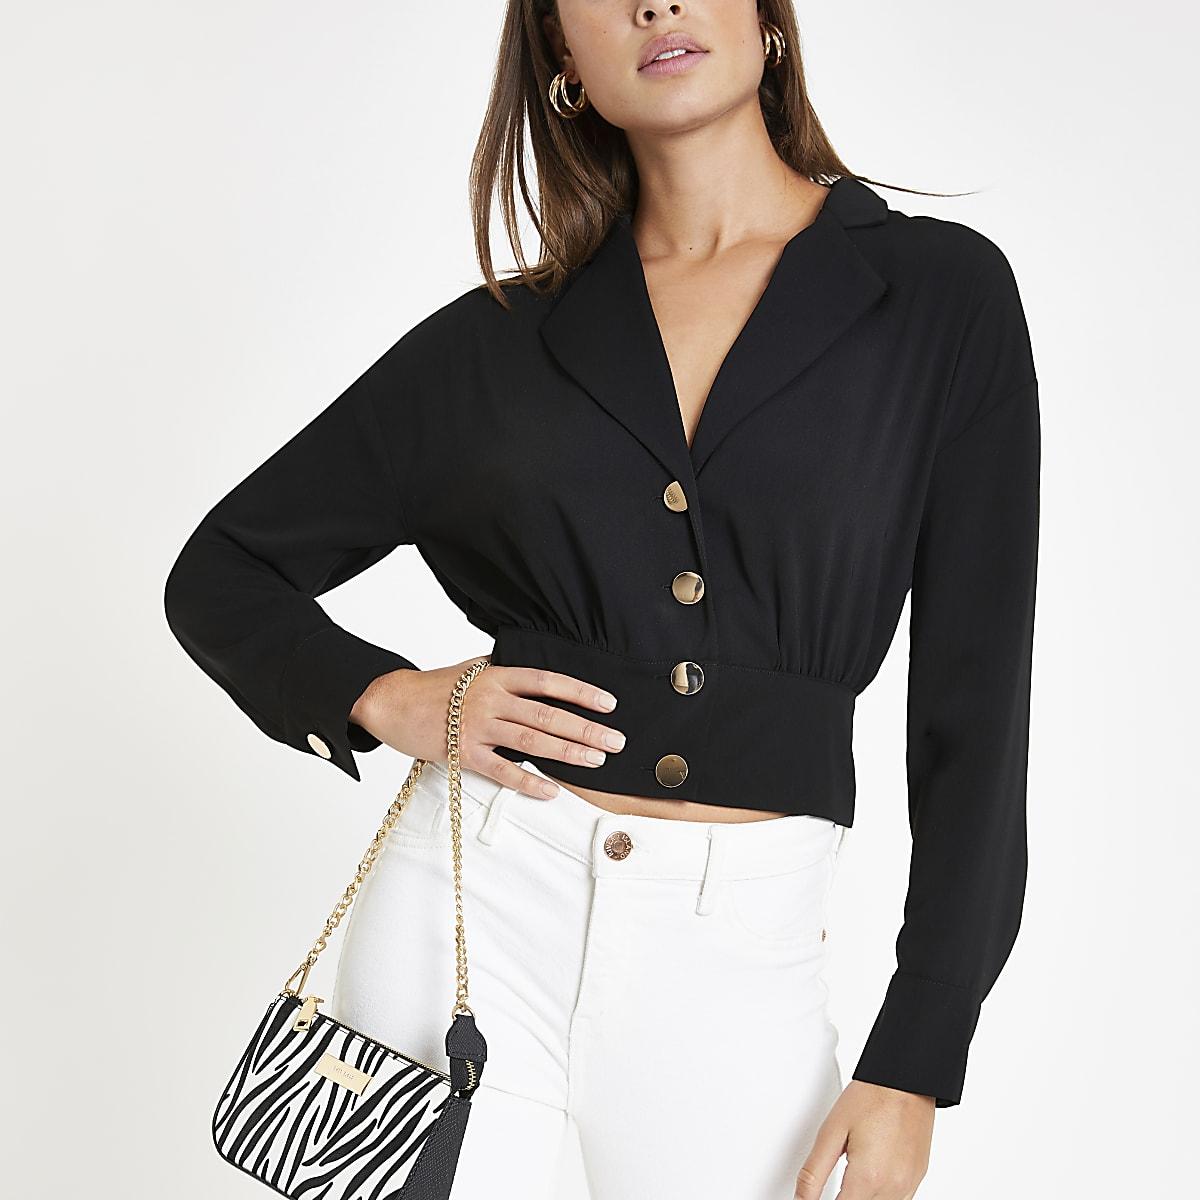 Veste-chemise noire boutonnée sur le devant